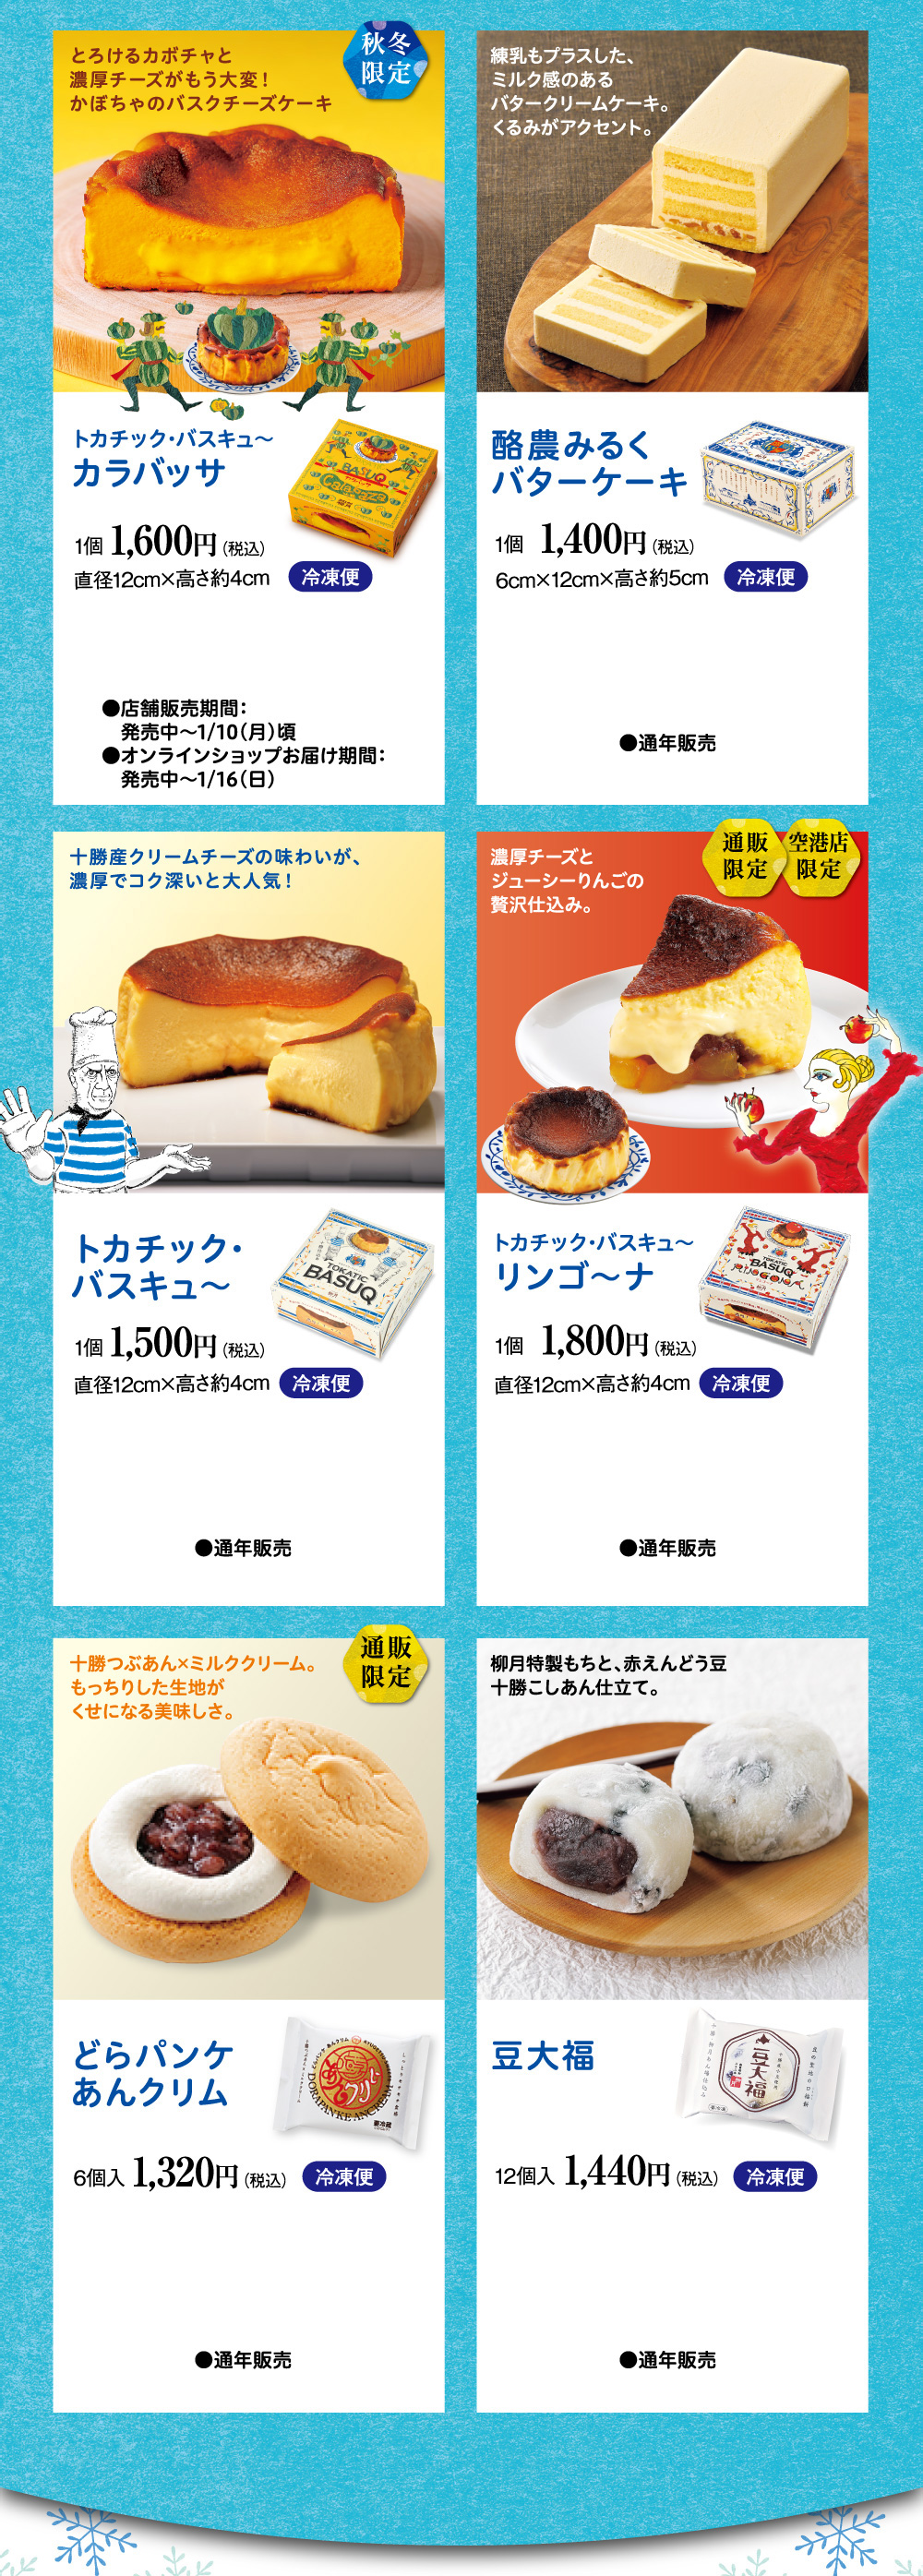 トカチック・バスキュ~カラバッサ 酪農みるくバターケーキ トカチック・バスキュ~ トカチック・バスキュ~リンゴーナ どらパンケあんクリム 豆大福